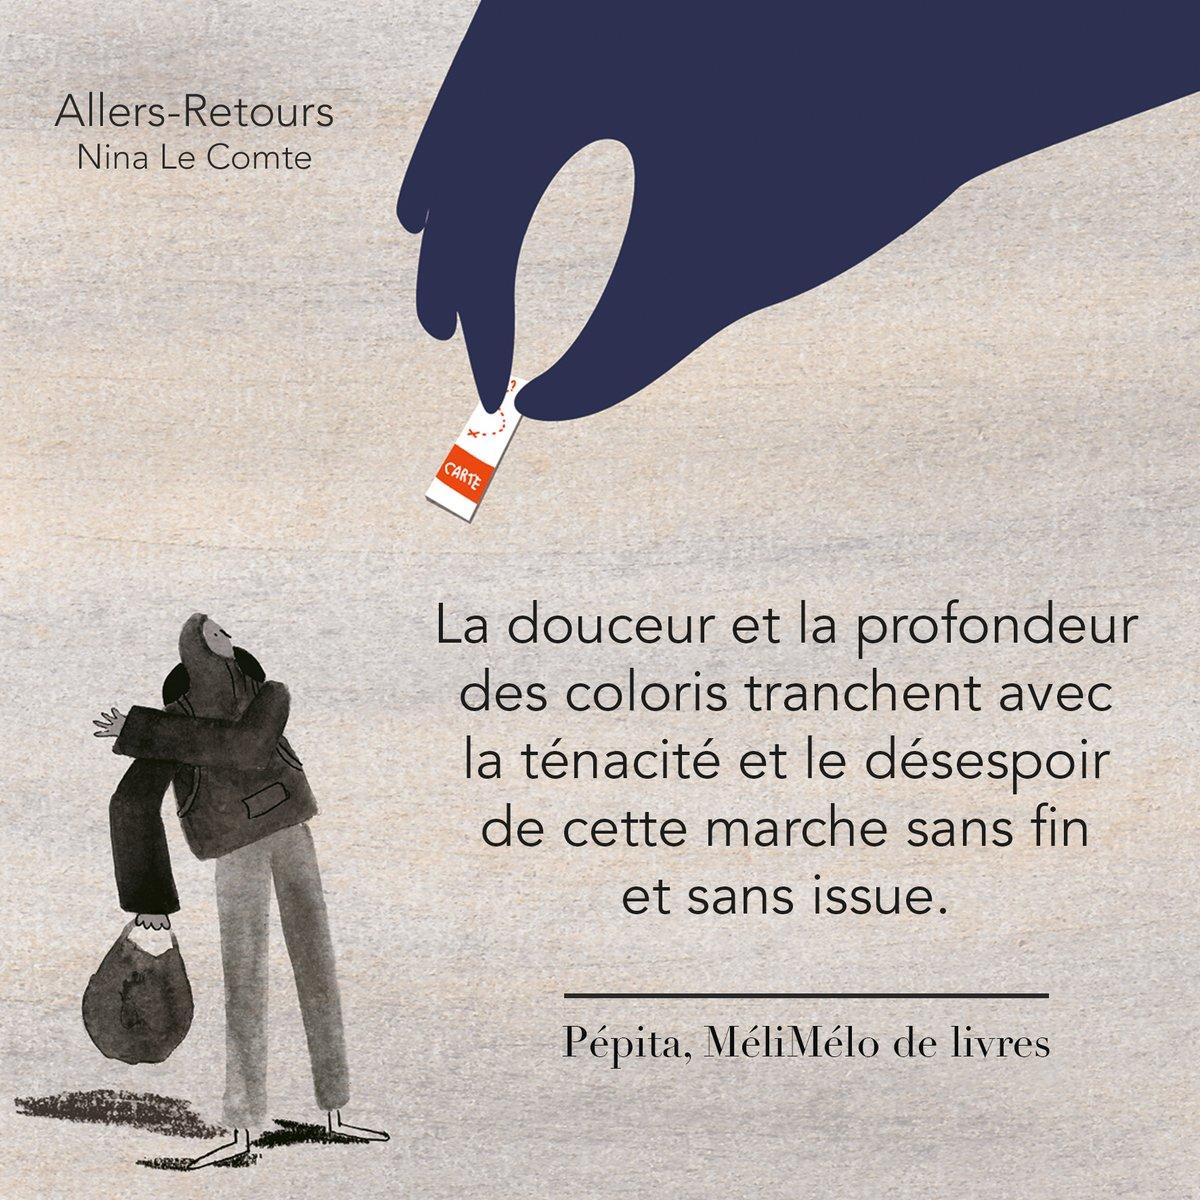 Merveilleuse recension de Melimelodelivres à propos d'Allers-Retours de Nina Le Compte ❤︎ https://t.co/QA7jbw15jj https://t.co/GXewjybepC